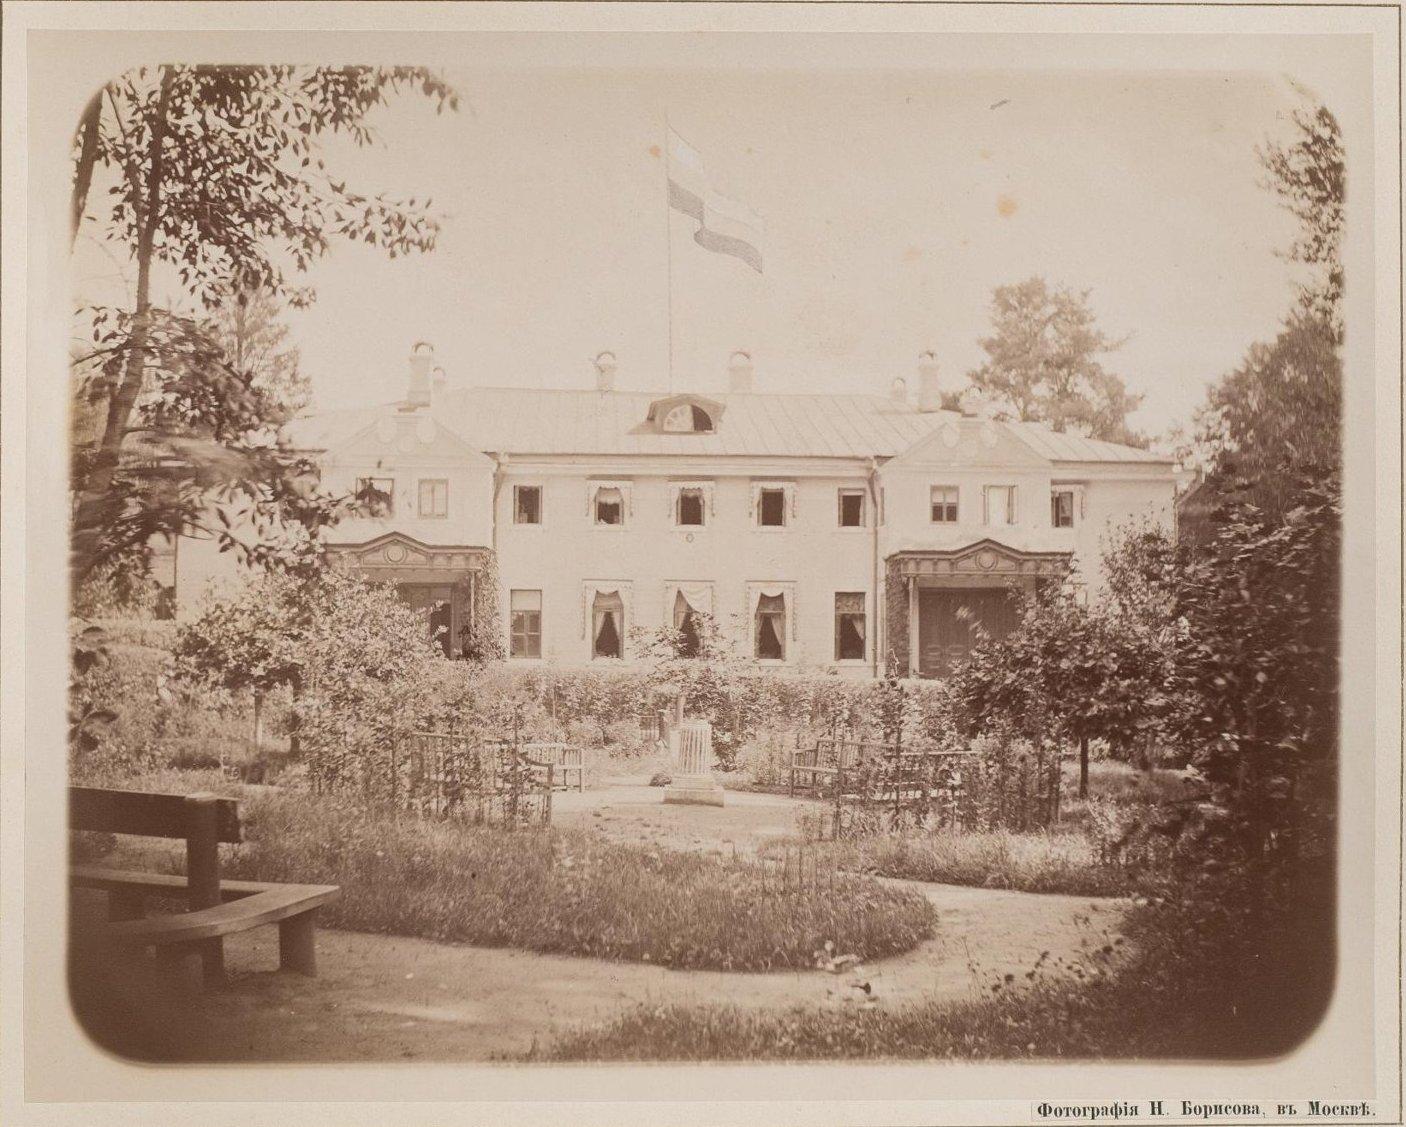 03. Вид на усадебный дом в Плещеево